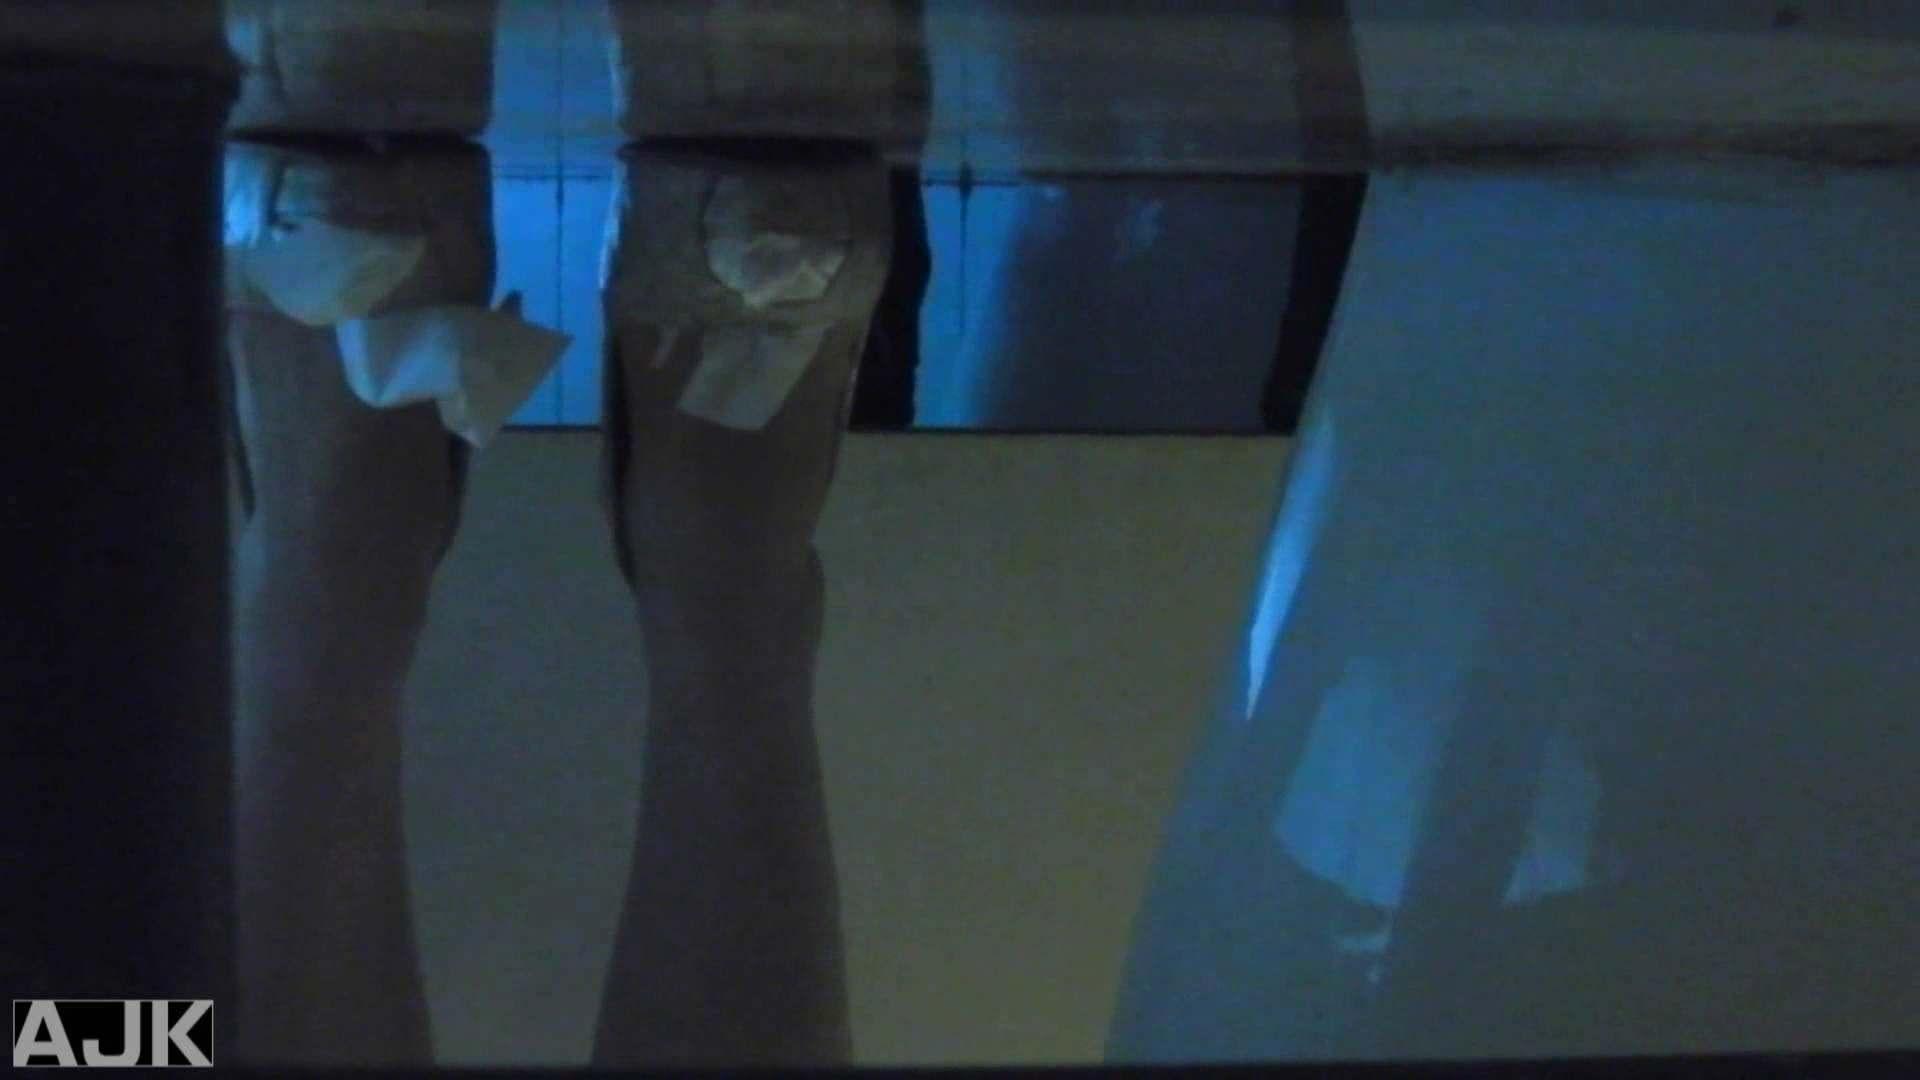 神降臨!史上最強の潜入かわや! vol.22 盗撮師作品 覗きおまんこ画像 96pic 93